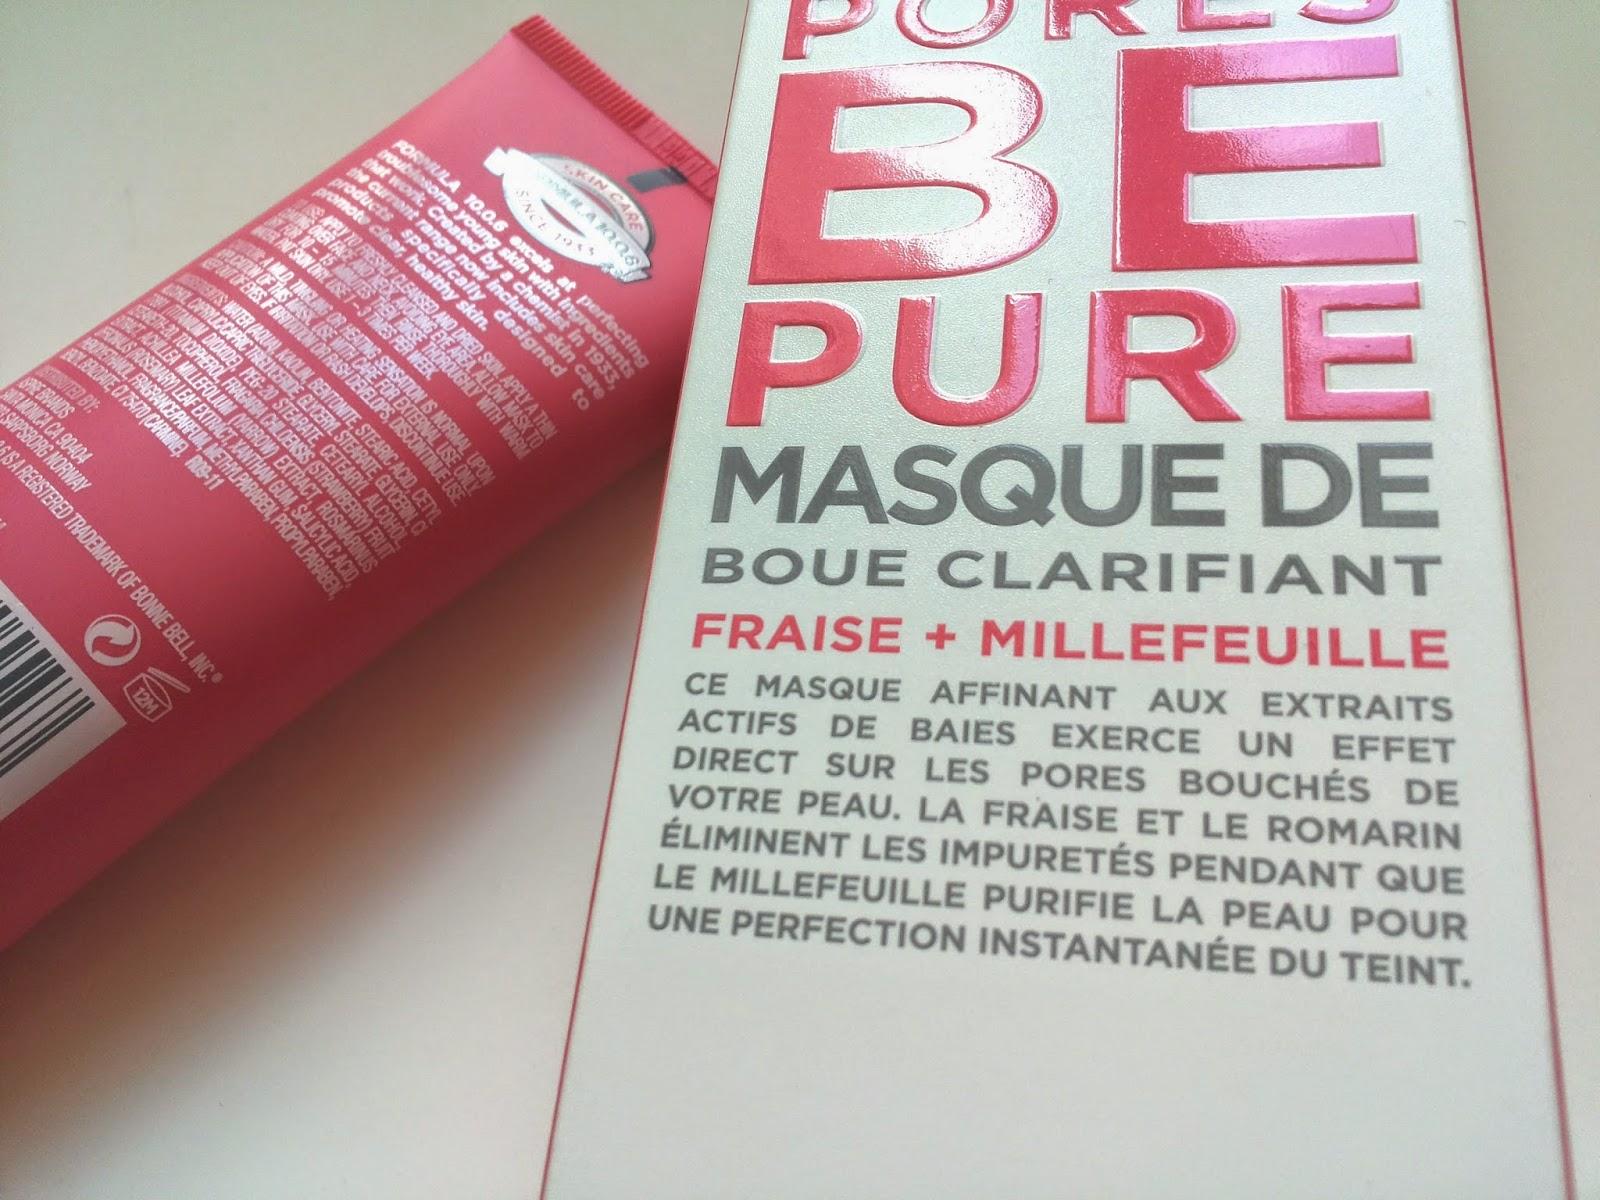 pores be pure le masque la boue par excellence pour une jolie peau blog lou. Black Bedroom Furniture Sets. Home Design Ideas